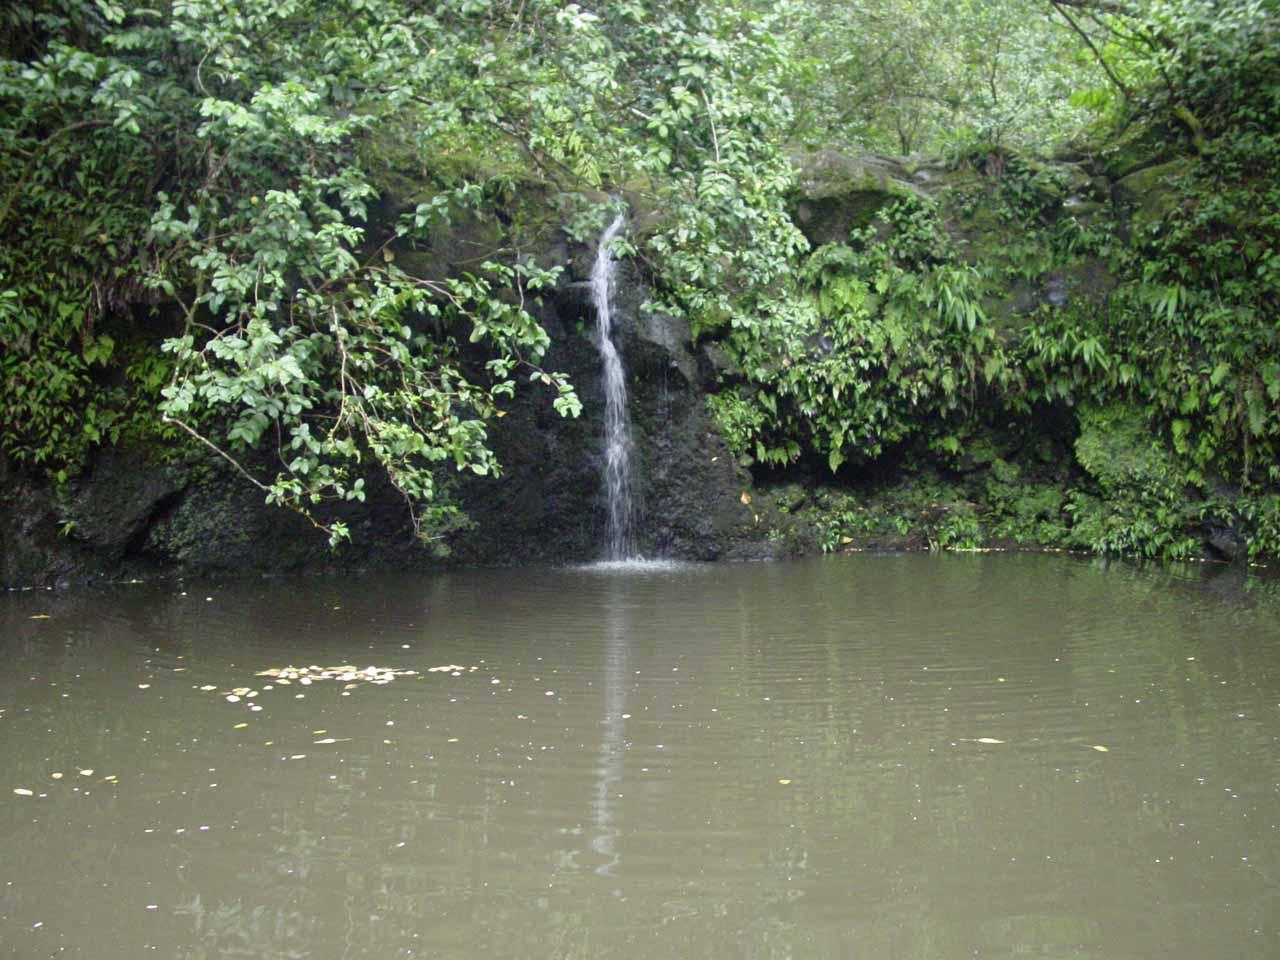 Ha'ipua'ena Falls